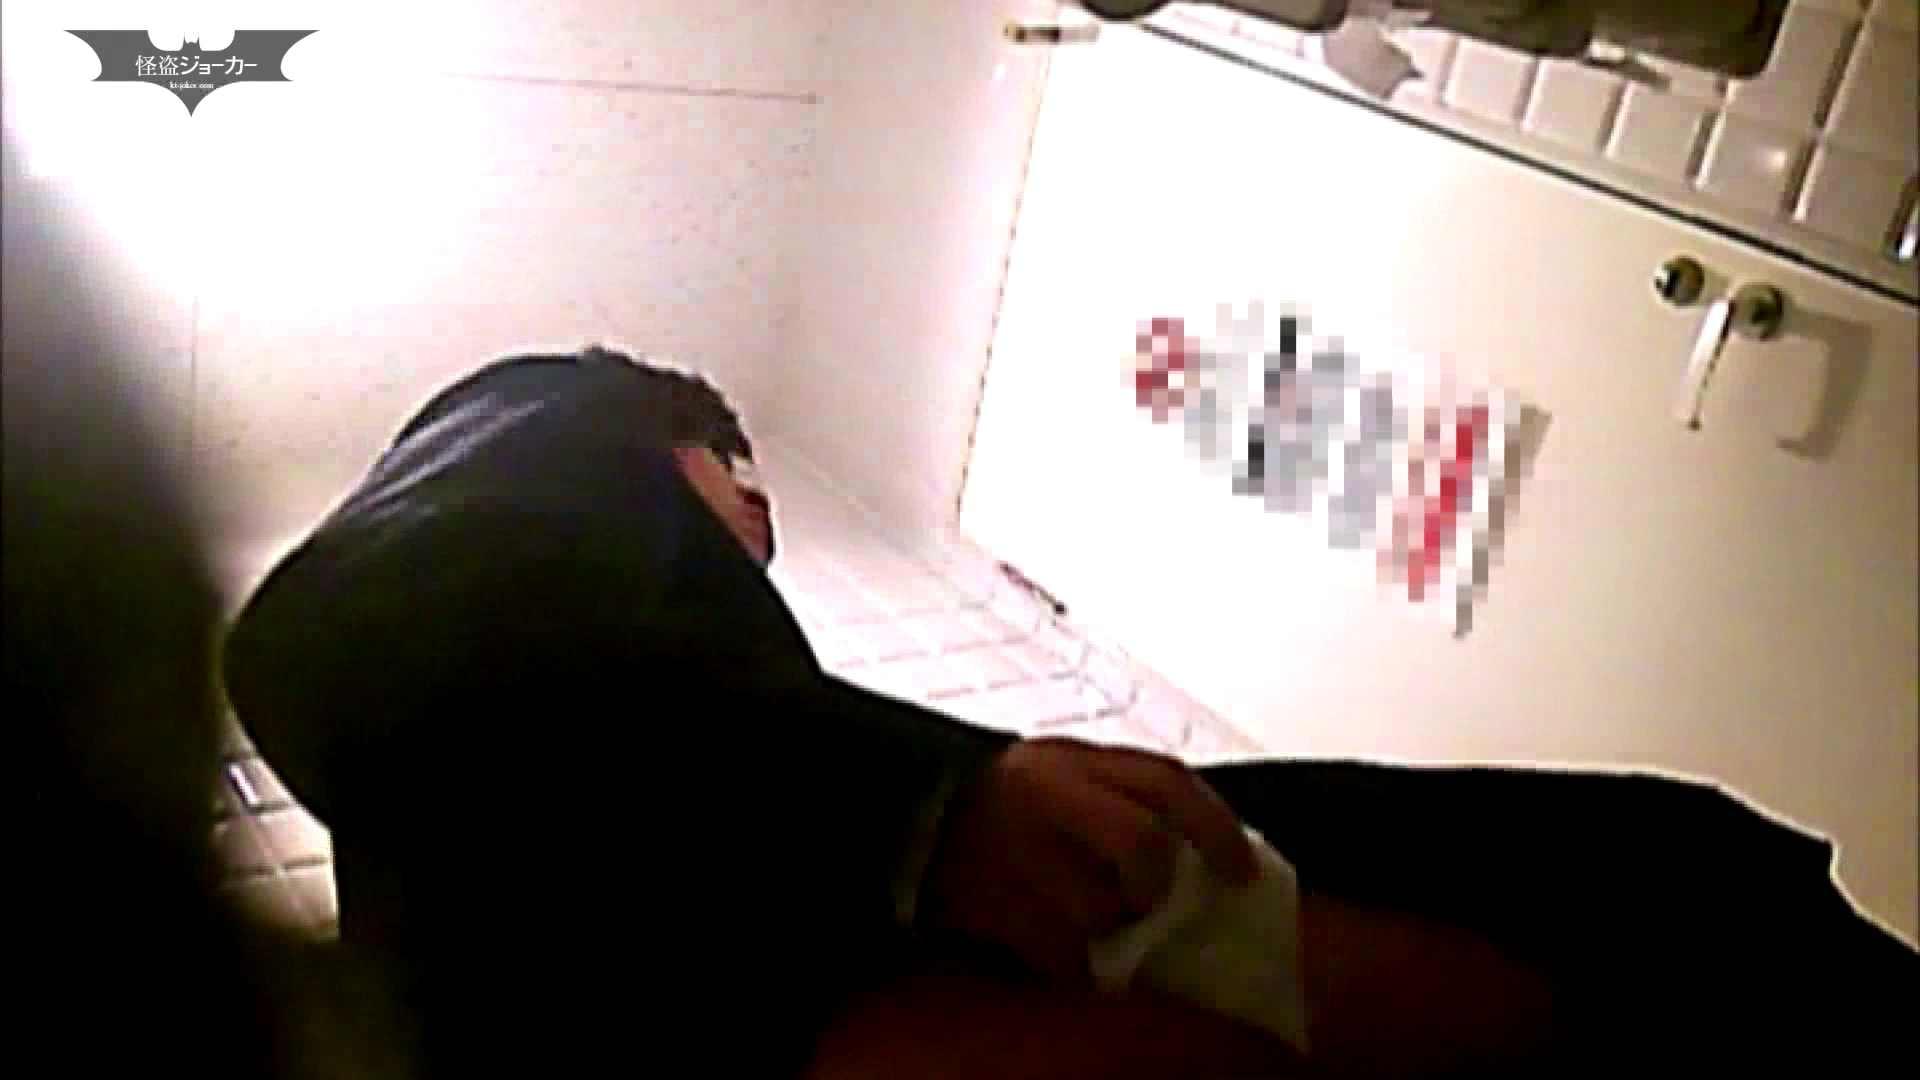 店長代理の盗撮録 Vol.02 制服ばかりをあつめてみました。その2 OLのボディ | 盗撮  49PIX 9